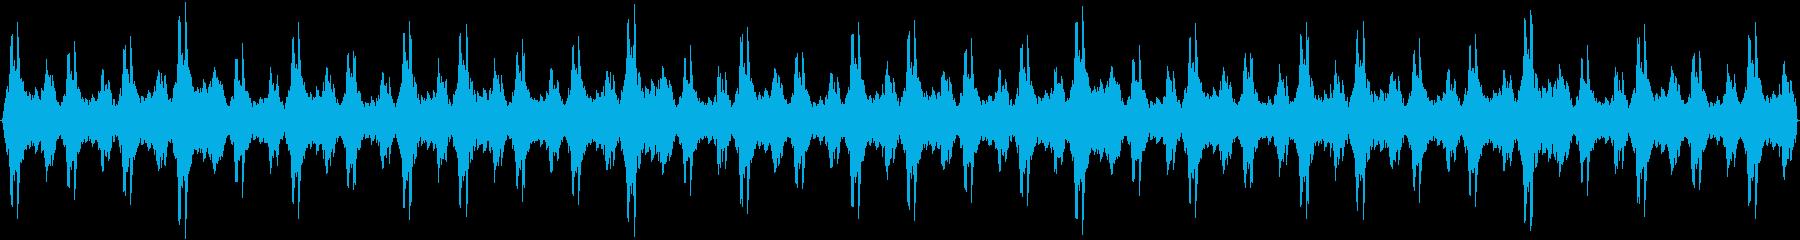 クリスマス ベルの音の再生済みの波形